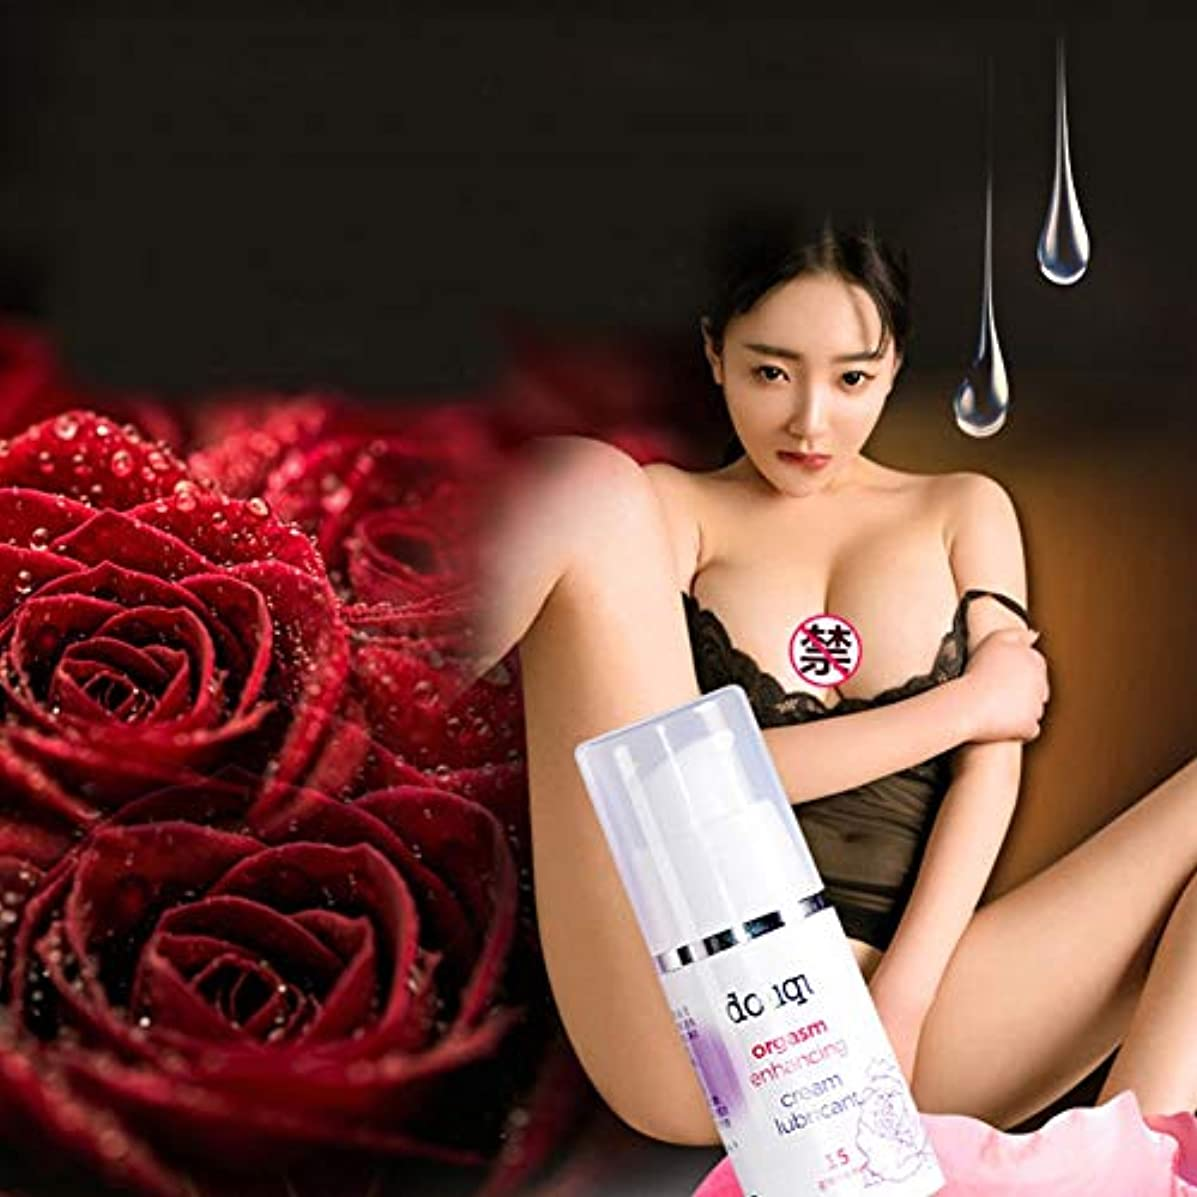 高度キャメル厚さBalai 女性のための性的オーガズム強化潤滑剤 クリーム性的快感強化製品